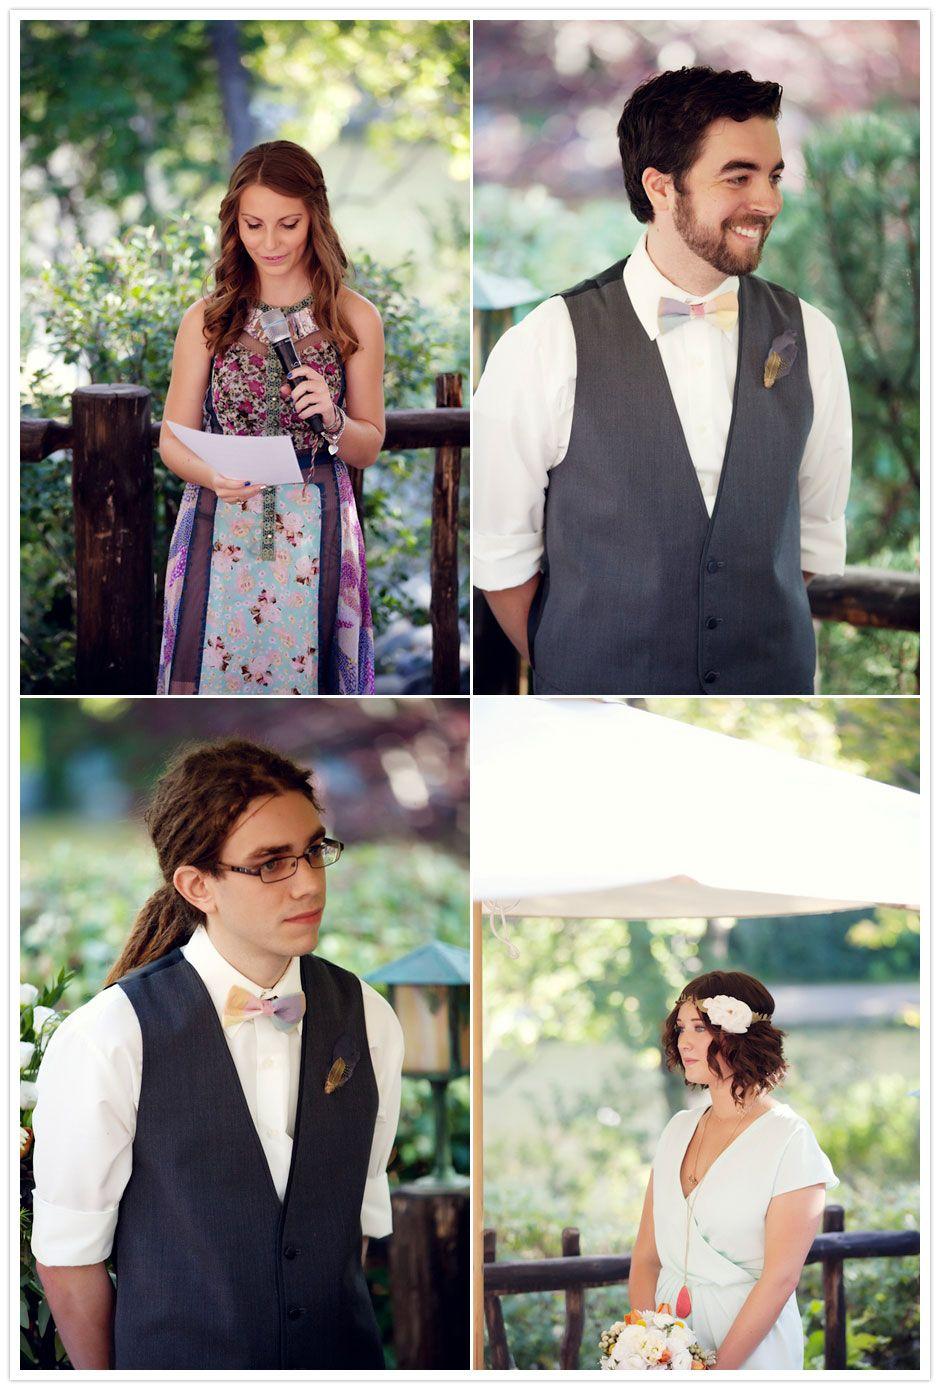 Sarah vaughan wedding